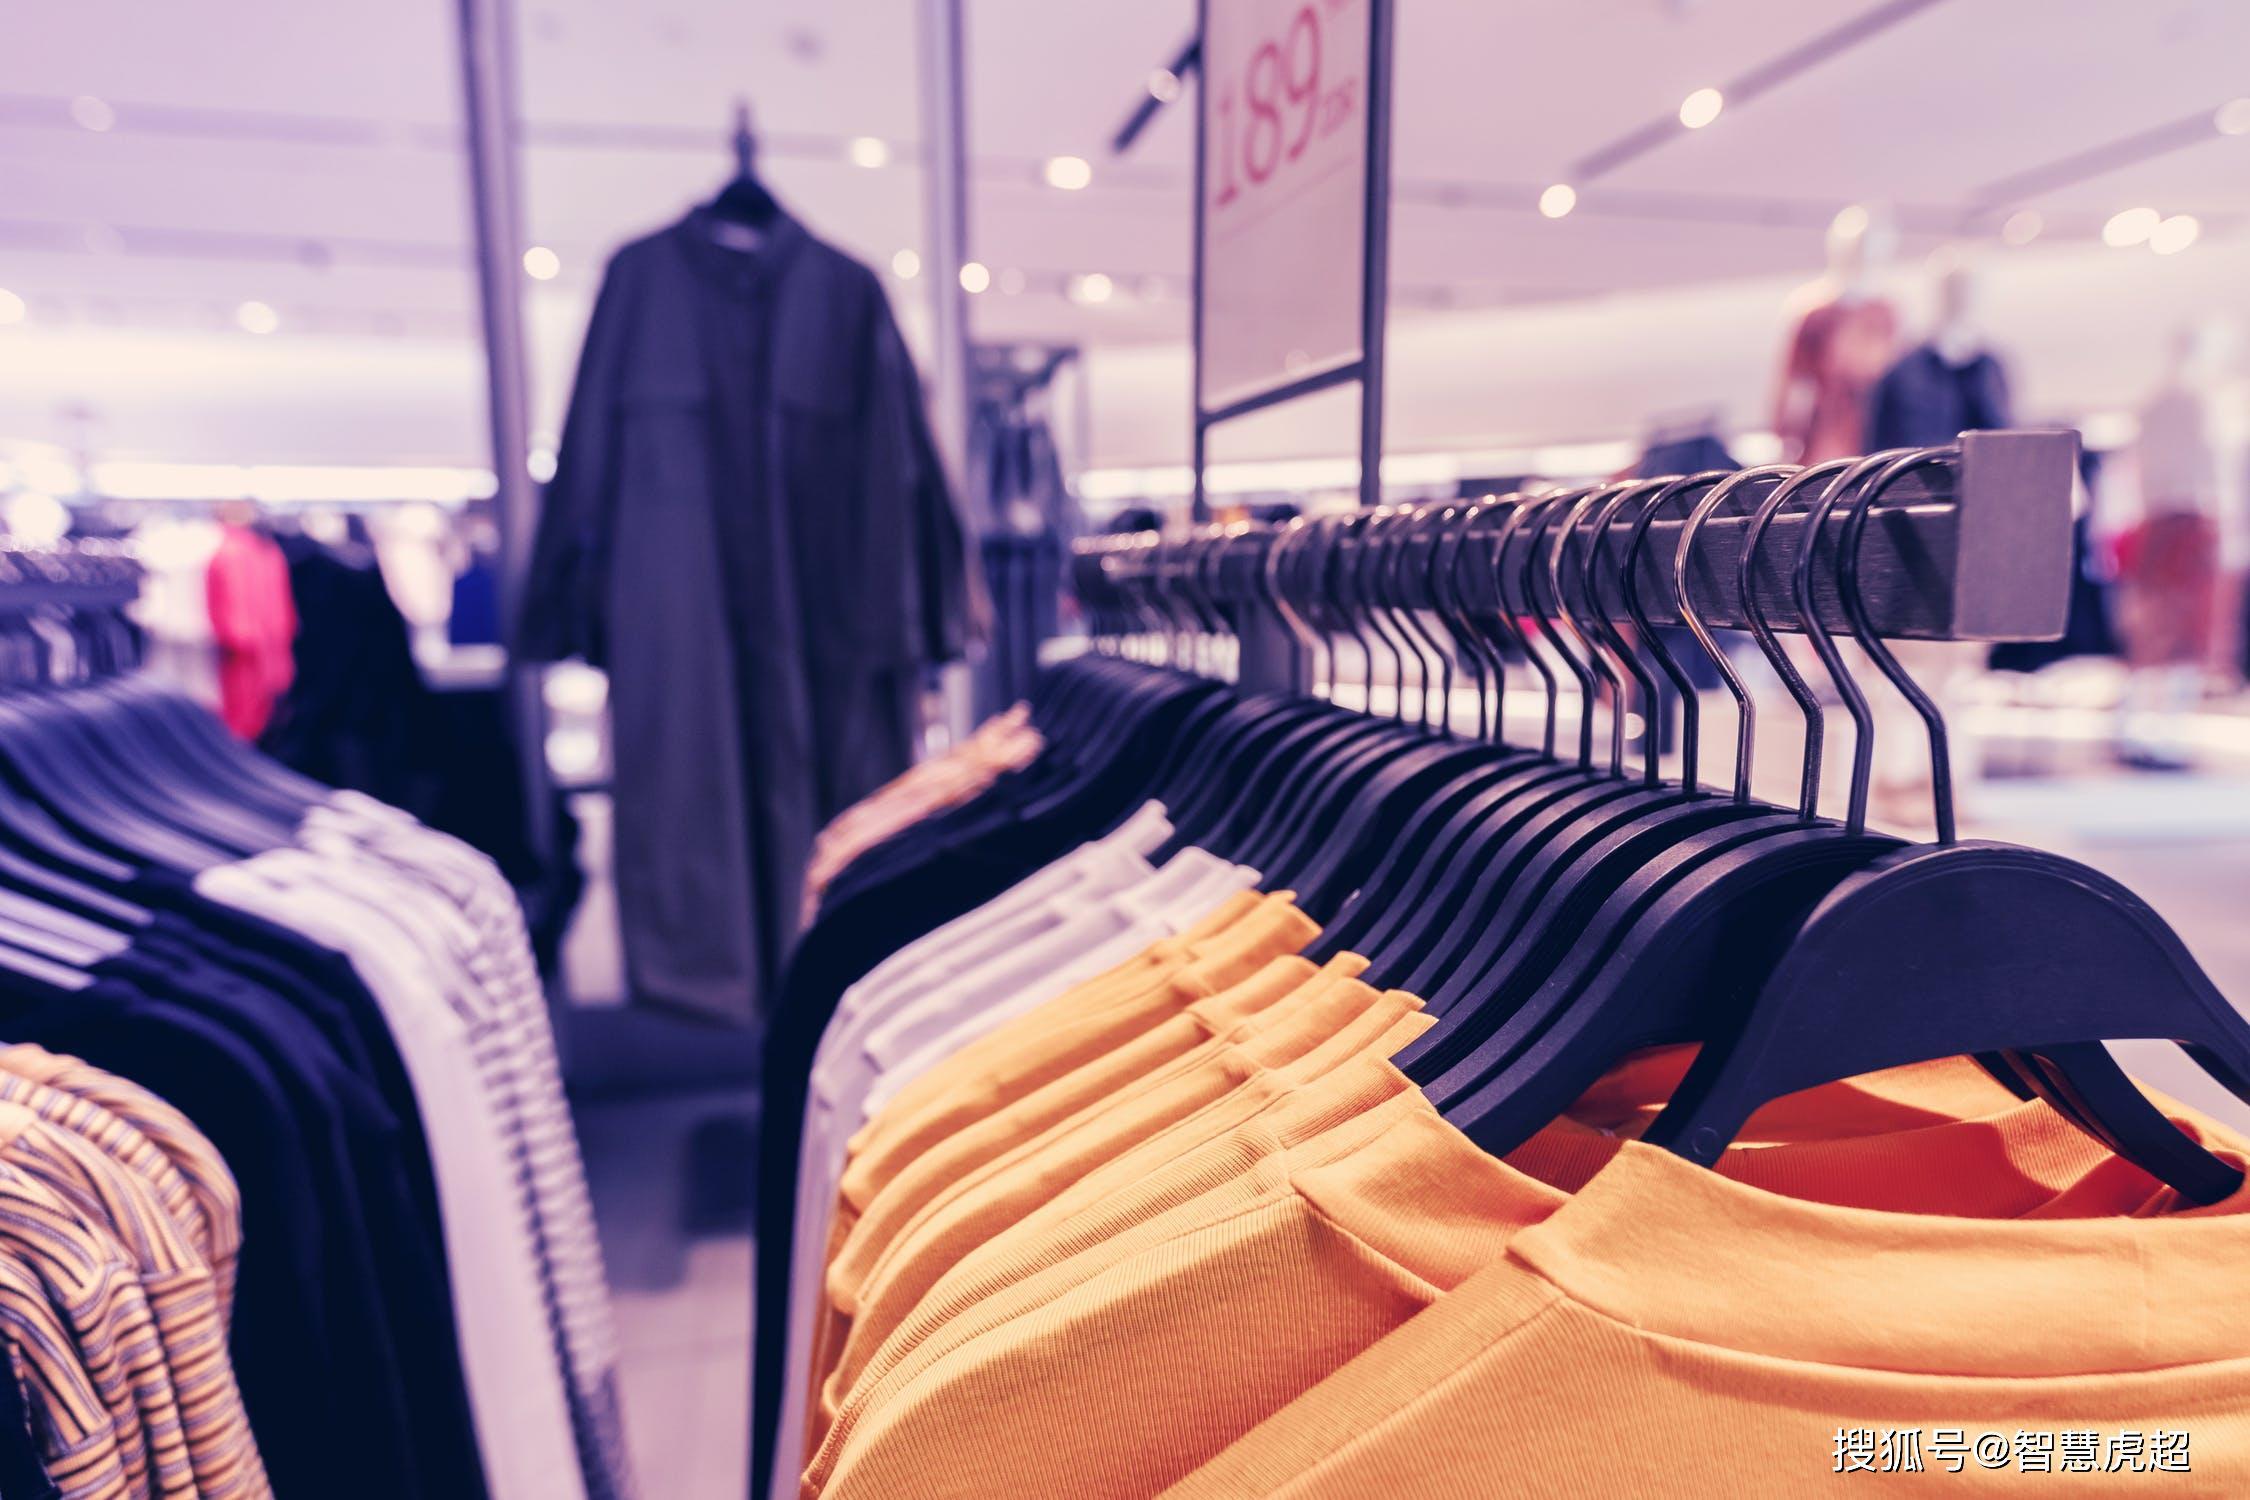 原创智慧虎超:面临冲击的服装行业如何在小程序时代东山再起?